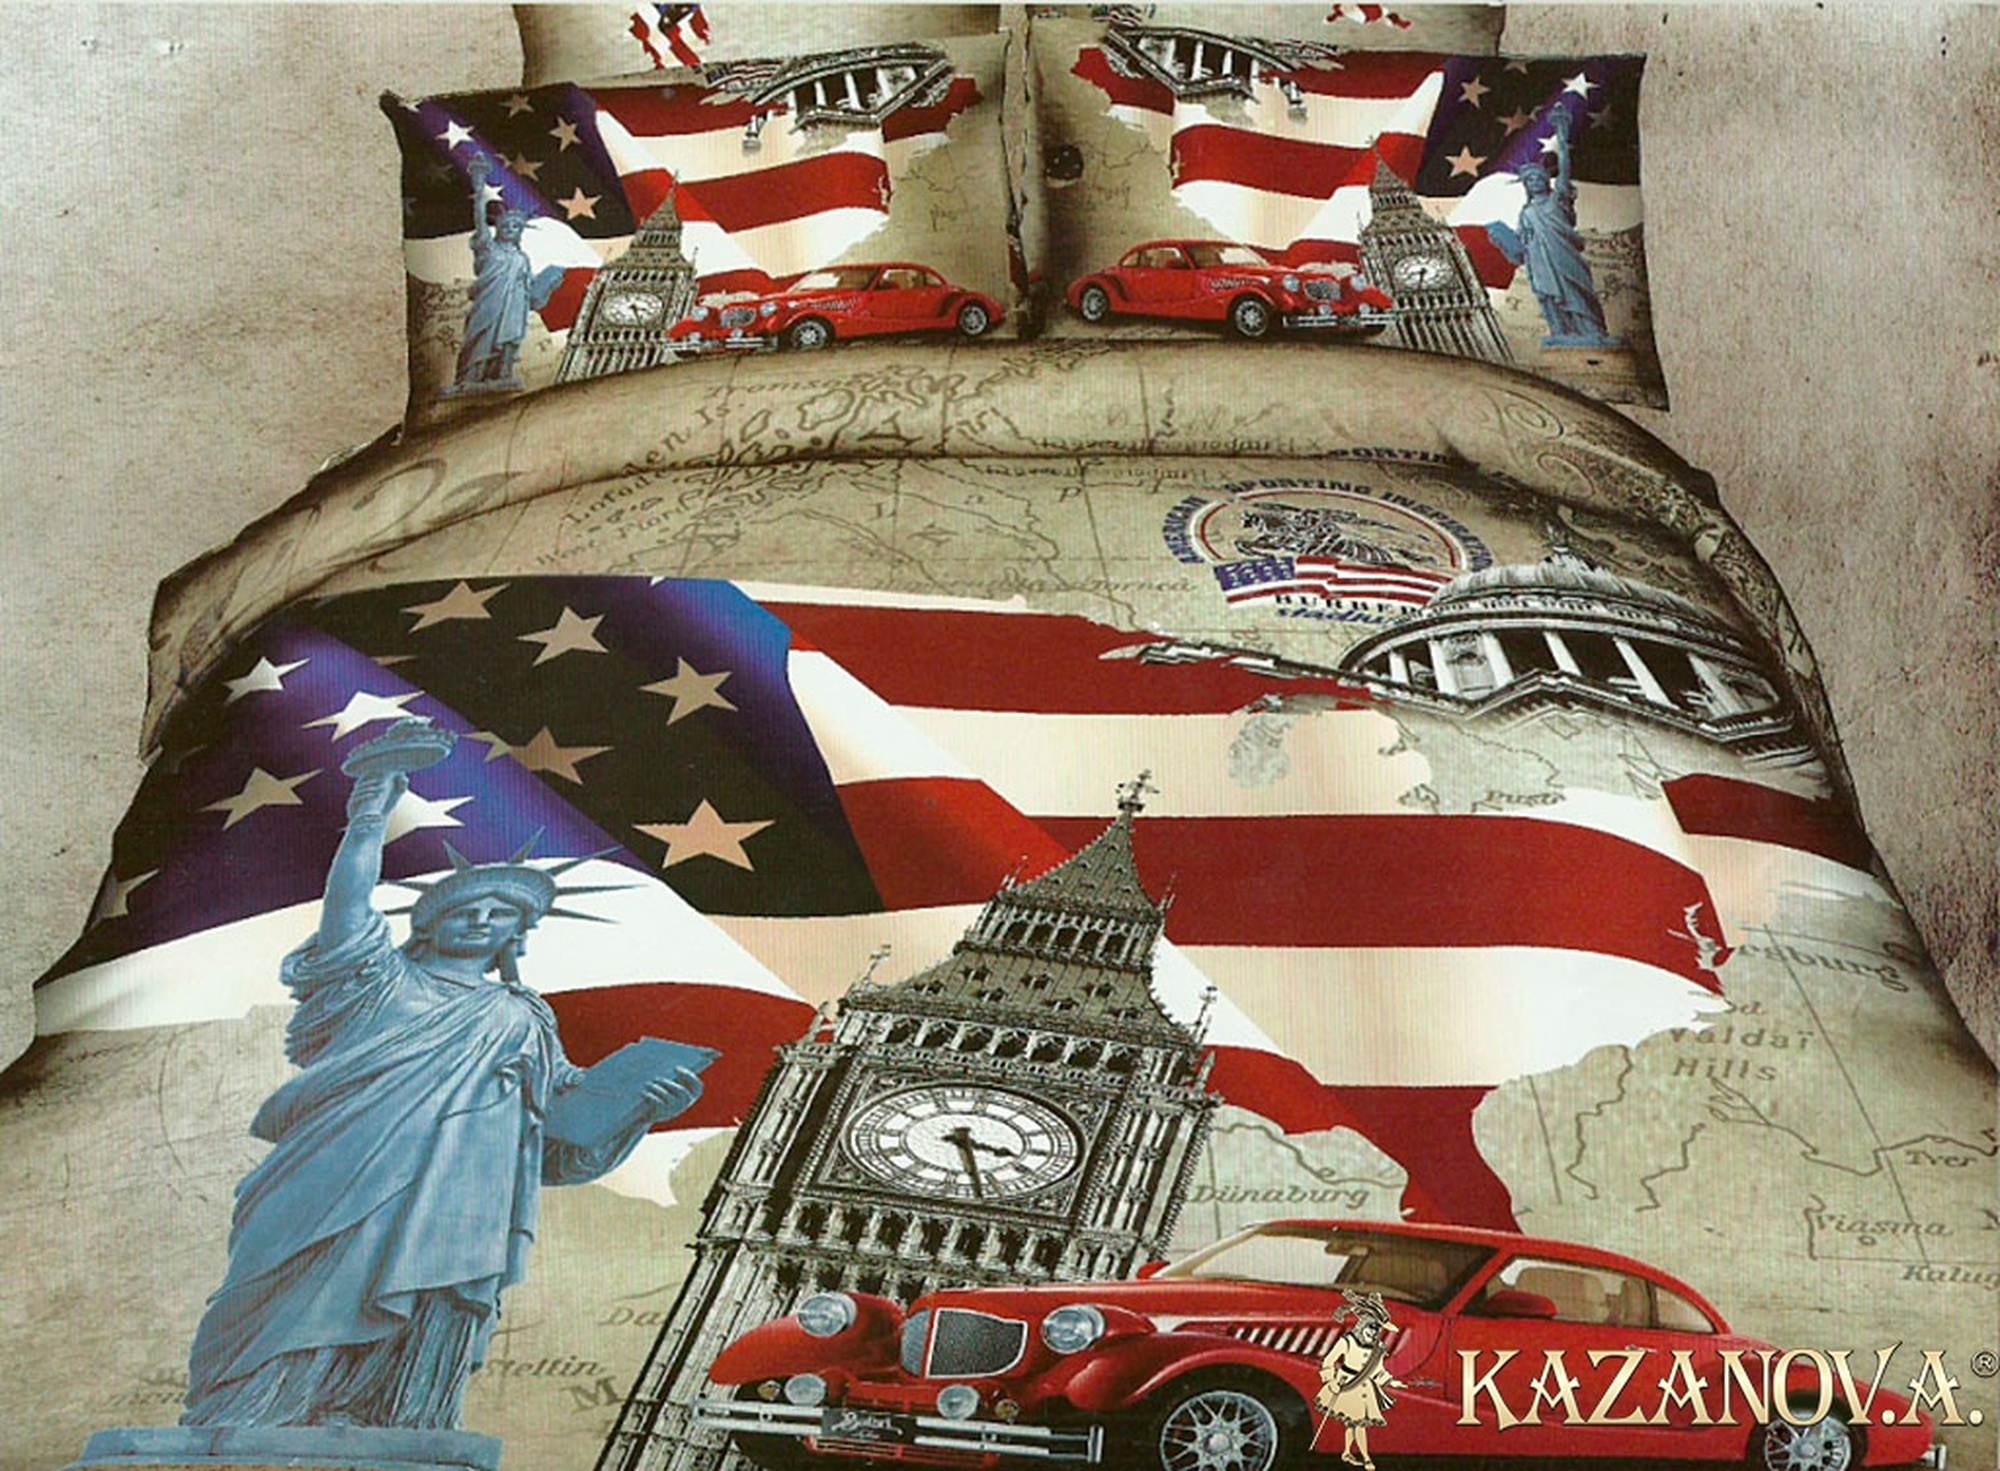 KAZANOV.A American Life (бежевый) абстракция  Комплект постельного белья евро, 6 предметов